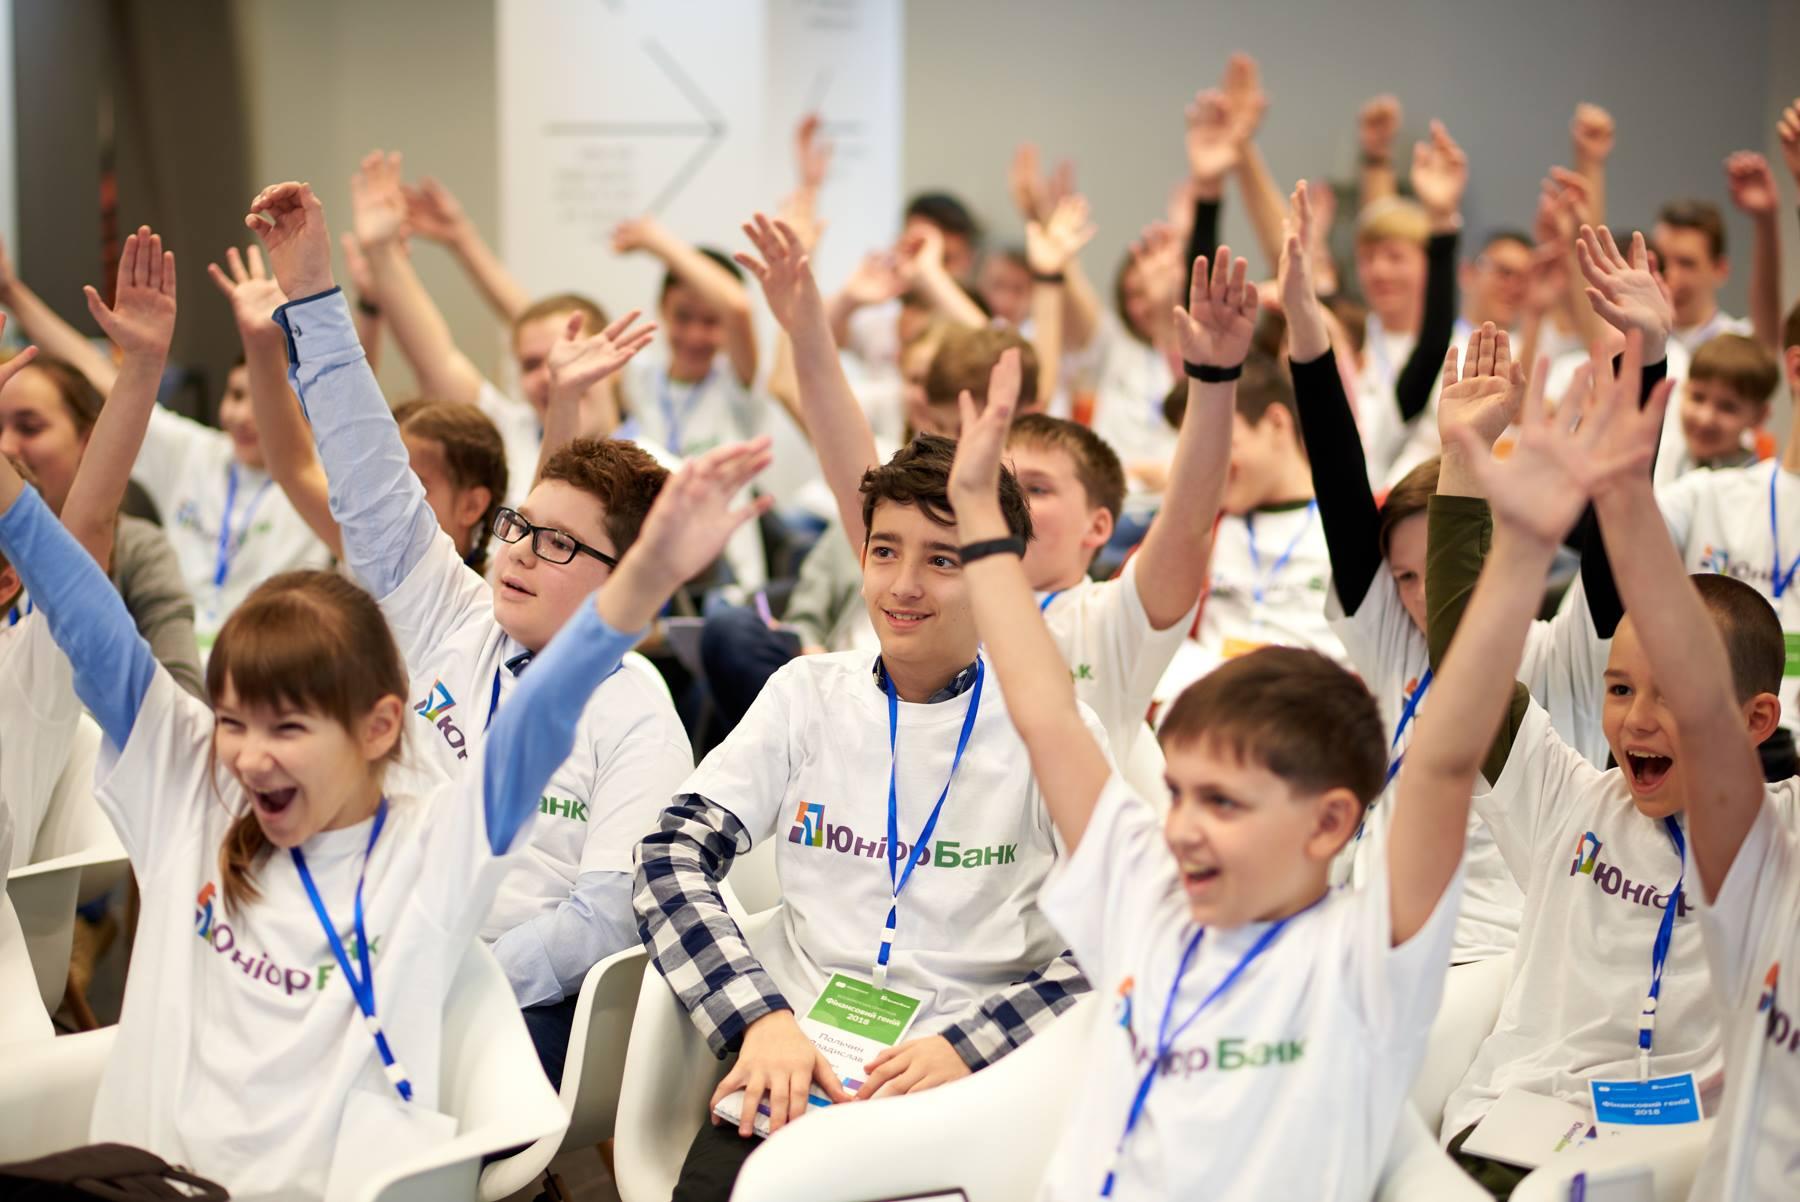 Взяти участь в олімпіаді «Фінансовий геній» можуть діти, які мають Картку Юніора